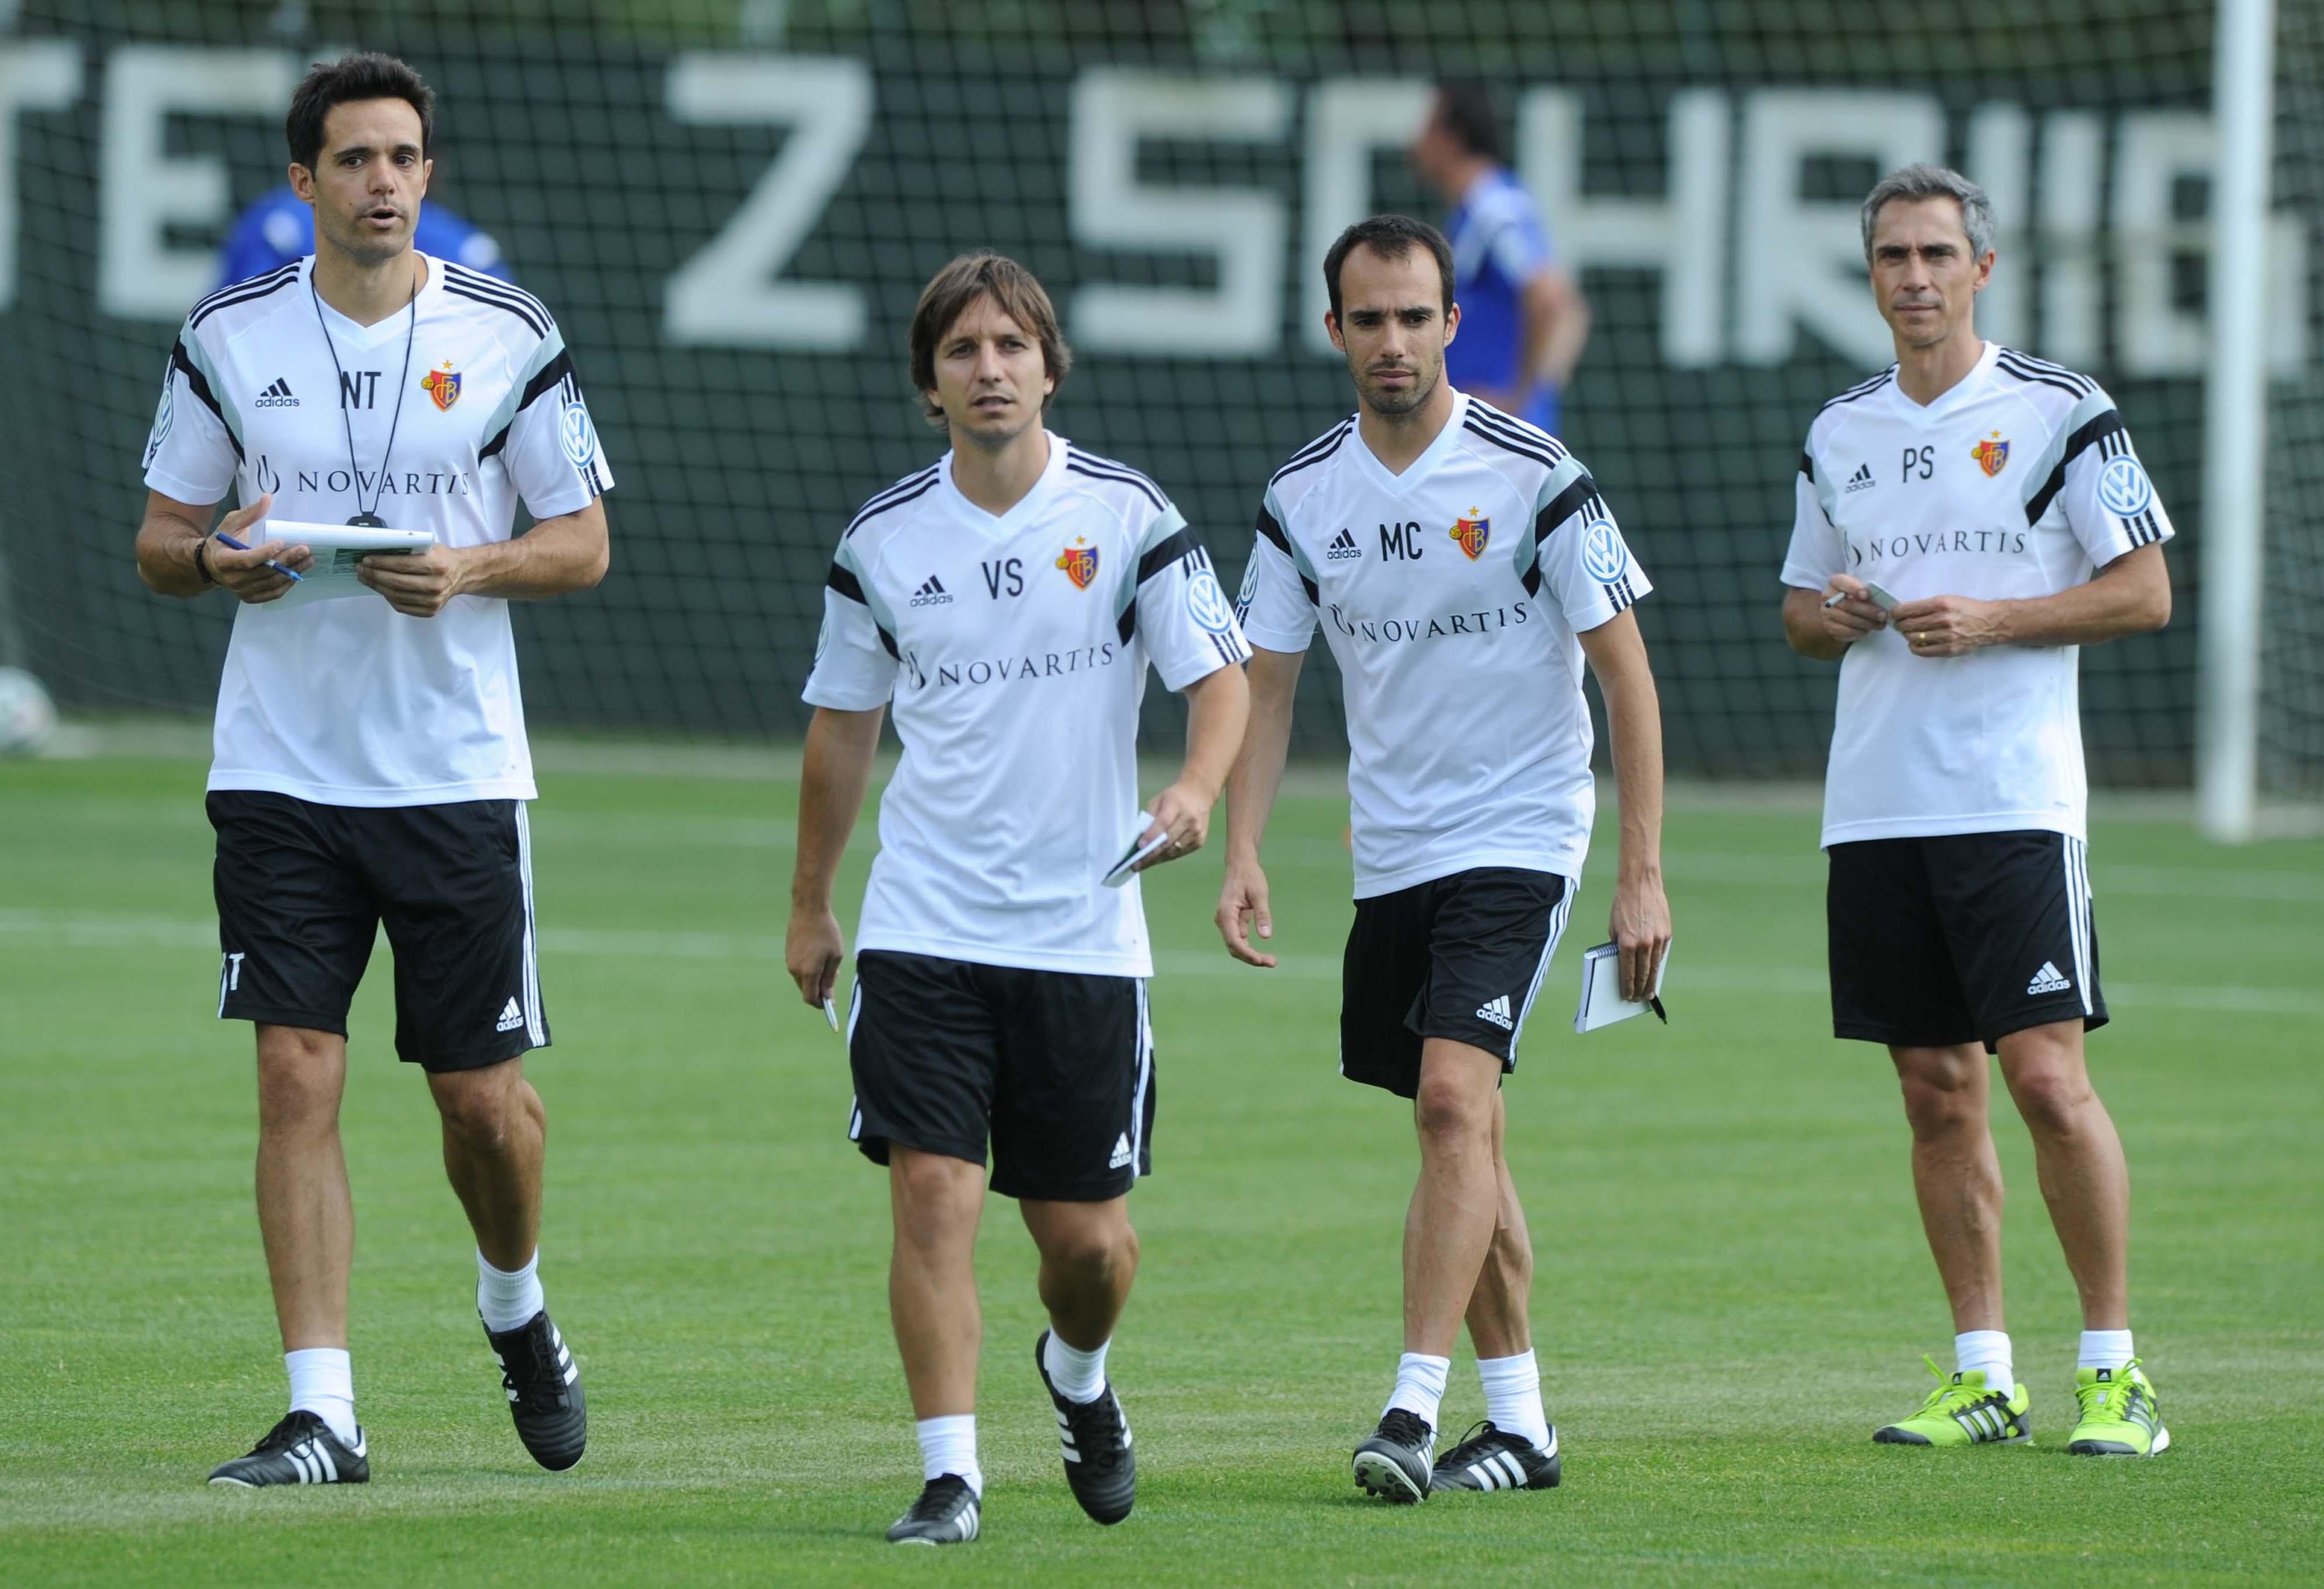 Wollen mit den Spielern im Training unter sich bleiben: Paulo Sousa und seine Assistenten Manuel Cordeiro, Victor Sanches und Ignacio Torreno (von rechts).